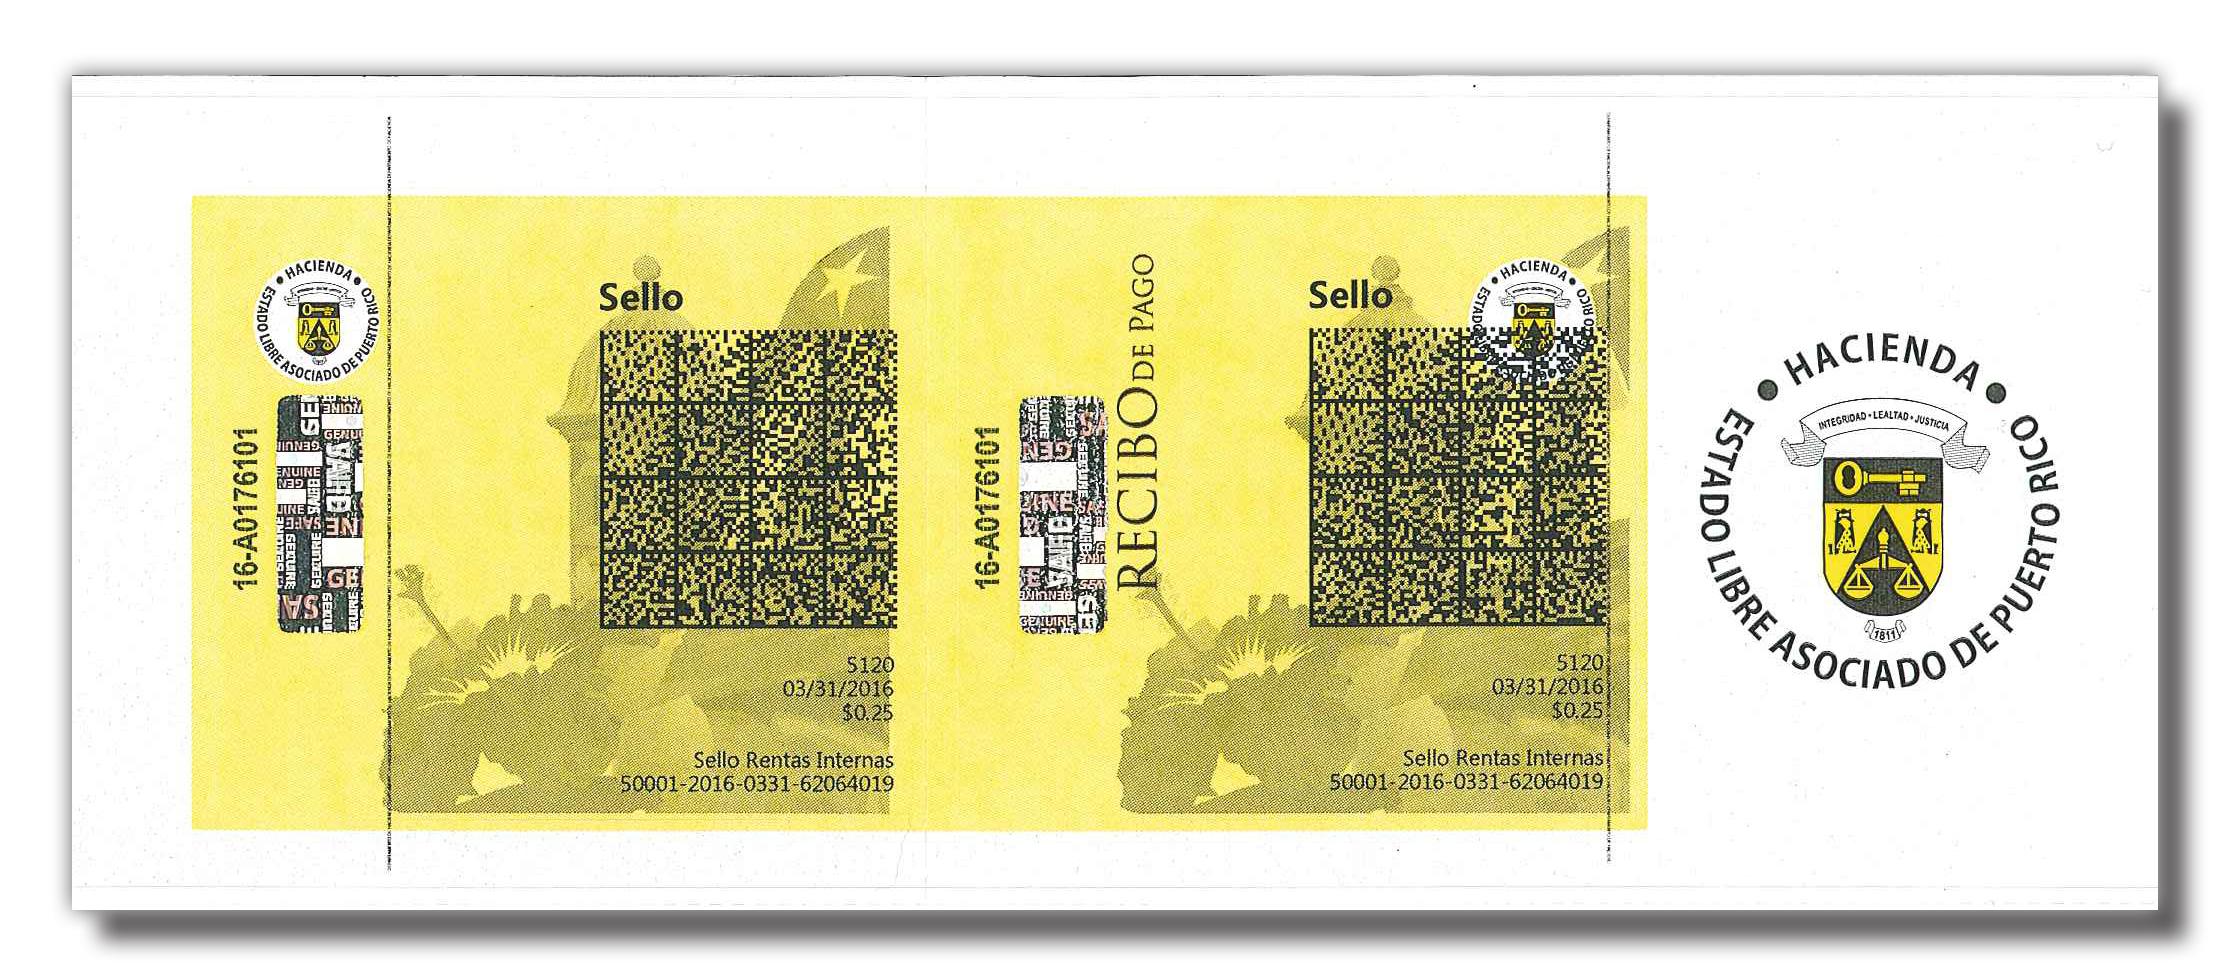 Banca Oriental De Puerto Rico: imprimir y/o vender sellos y comprobantes – Microjuris – Puerto Rico